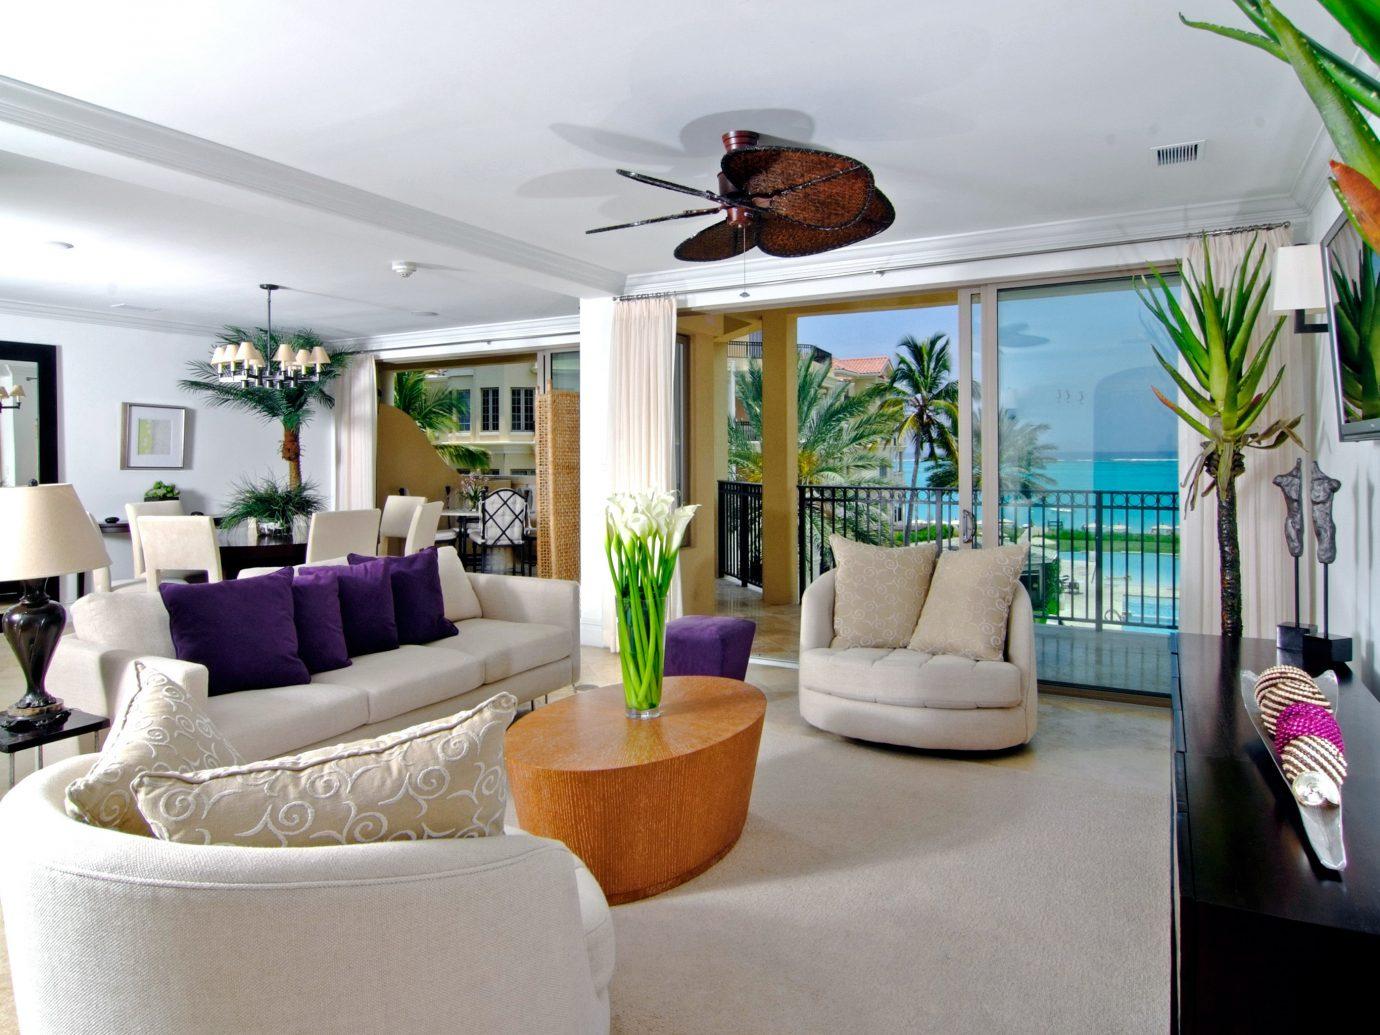 Beachfront Living Resort Trip Ideas indoor room property living room condominium ceiling home estate interior design real estate furniture Villa Suite cottage Design apartment mansion decorated area